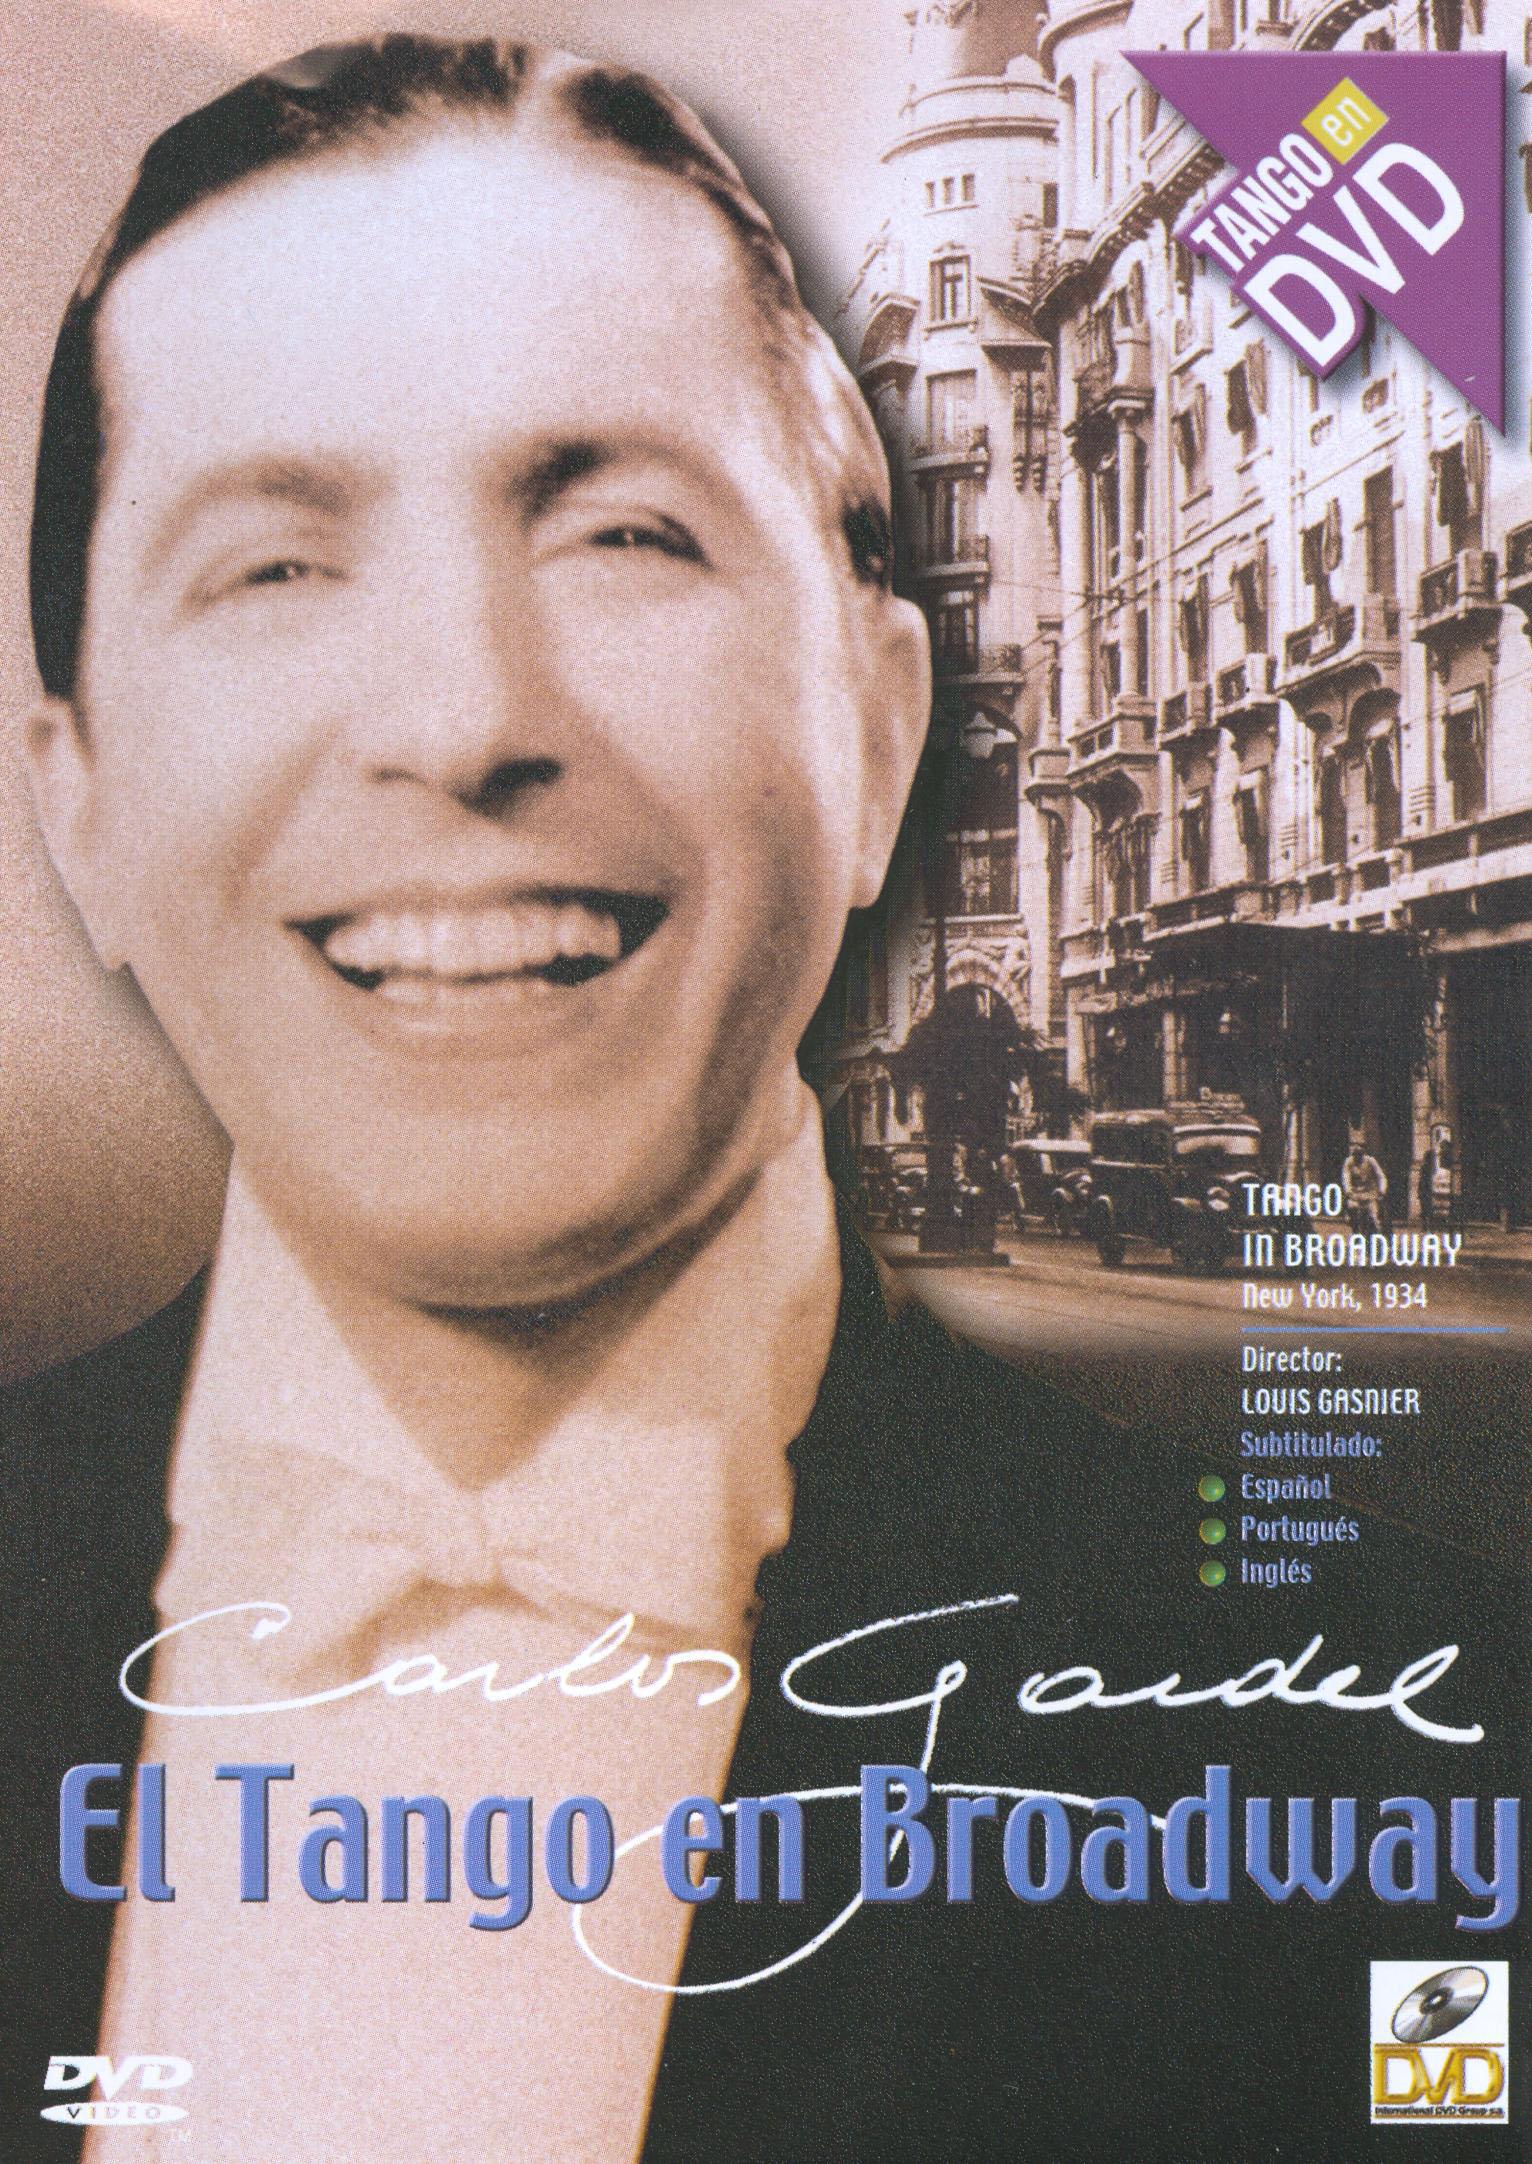 El Tango en Broadway (1934)